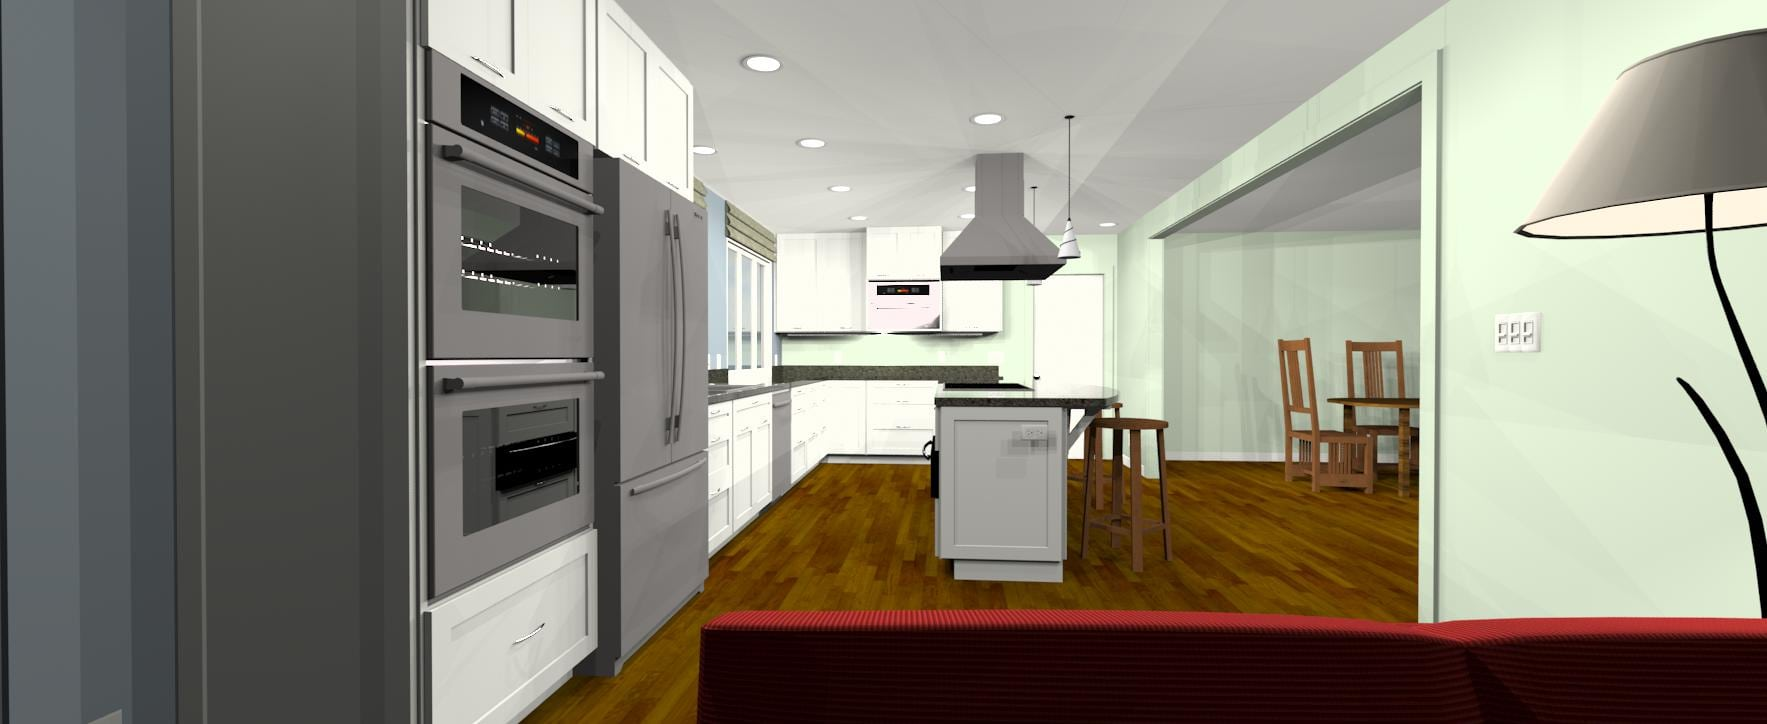 3d design